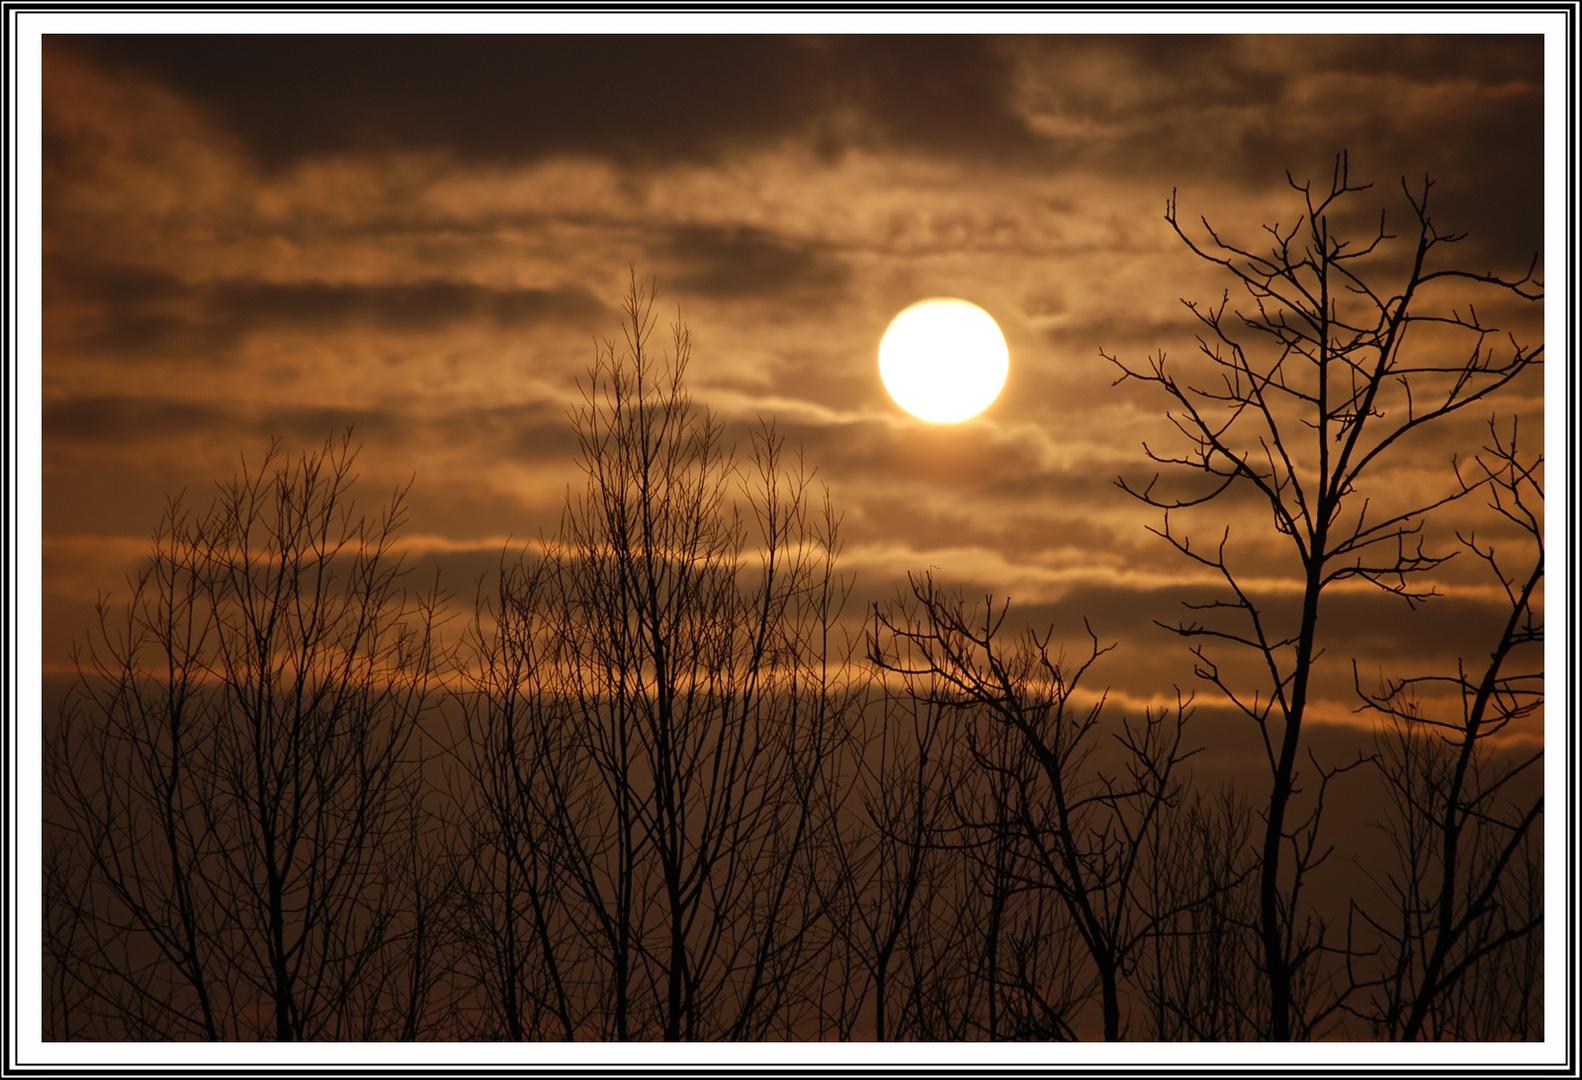 L'alba dal mio balcone...